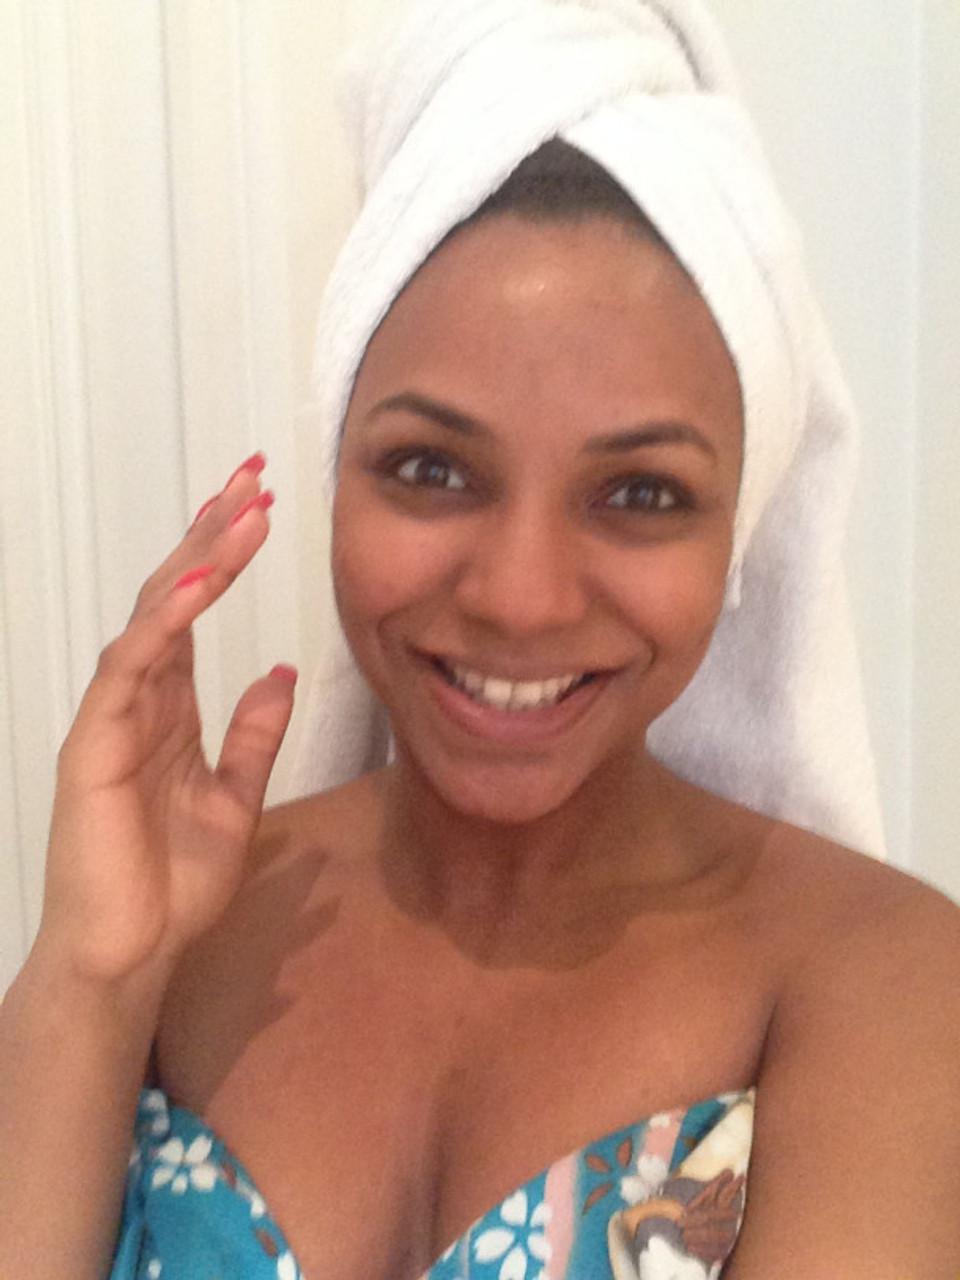 Visage gommé et rincé (sans l'application de la crème de jour.) Ma peau est nette et propre.